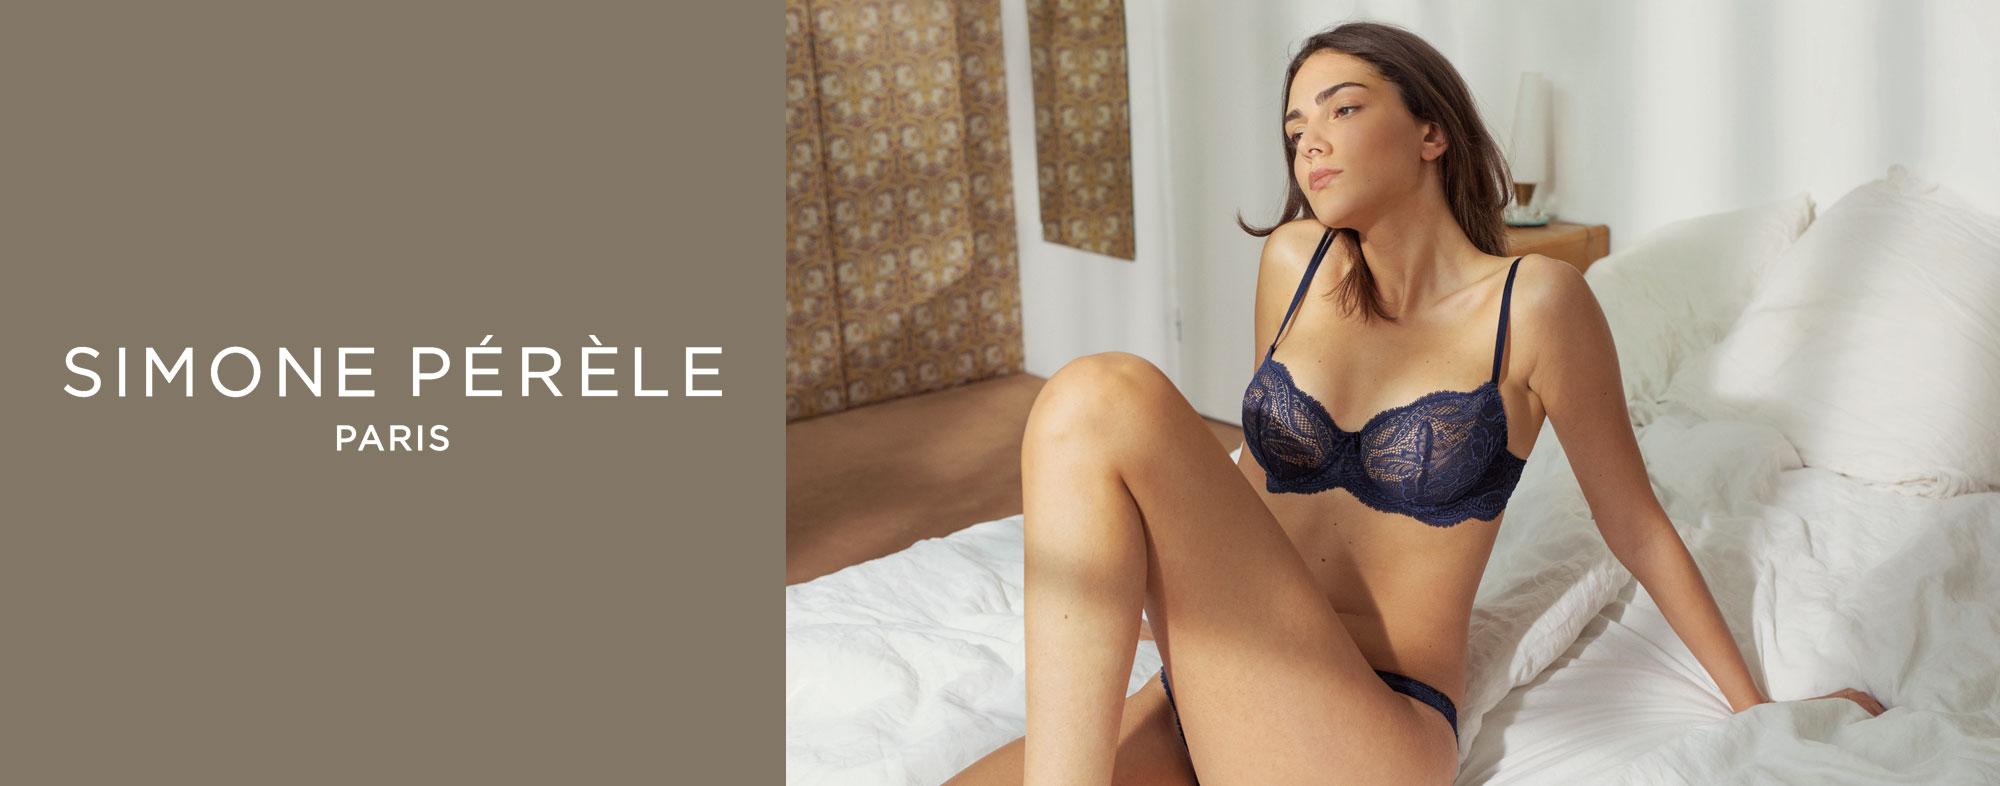 Simone Perele - Eden